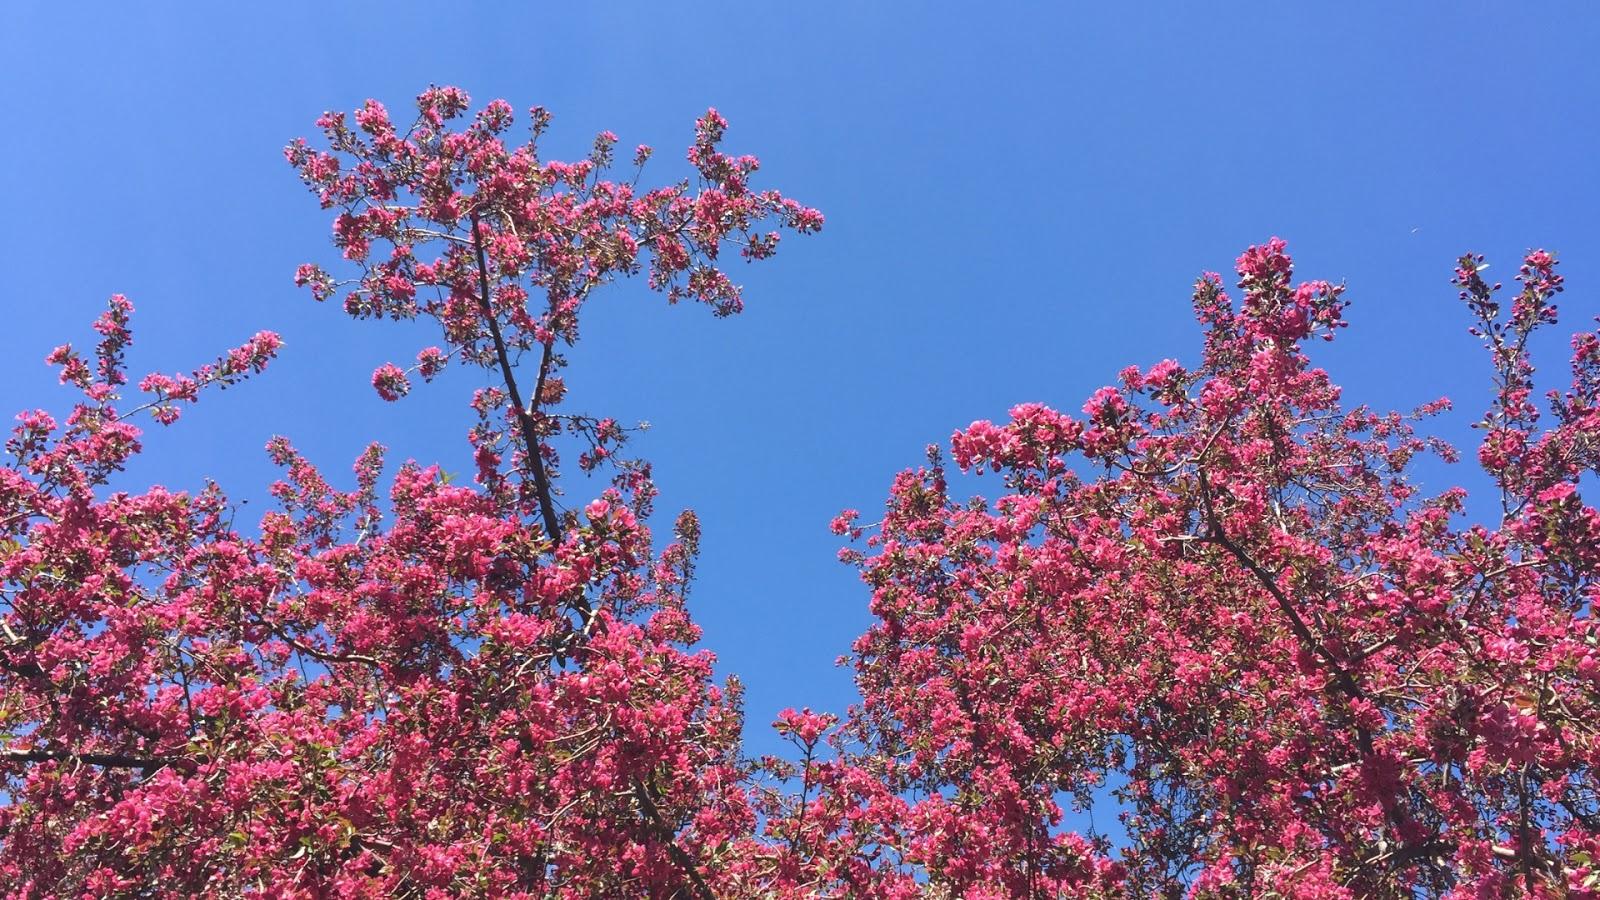 Crabapple blossoms // April Desktop Wallpaper Download // www.thejoyblog.net